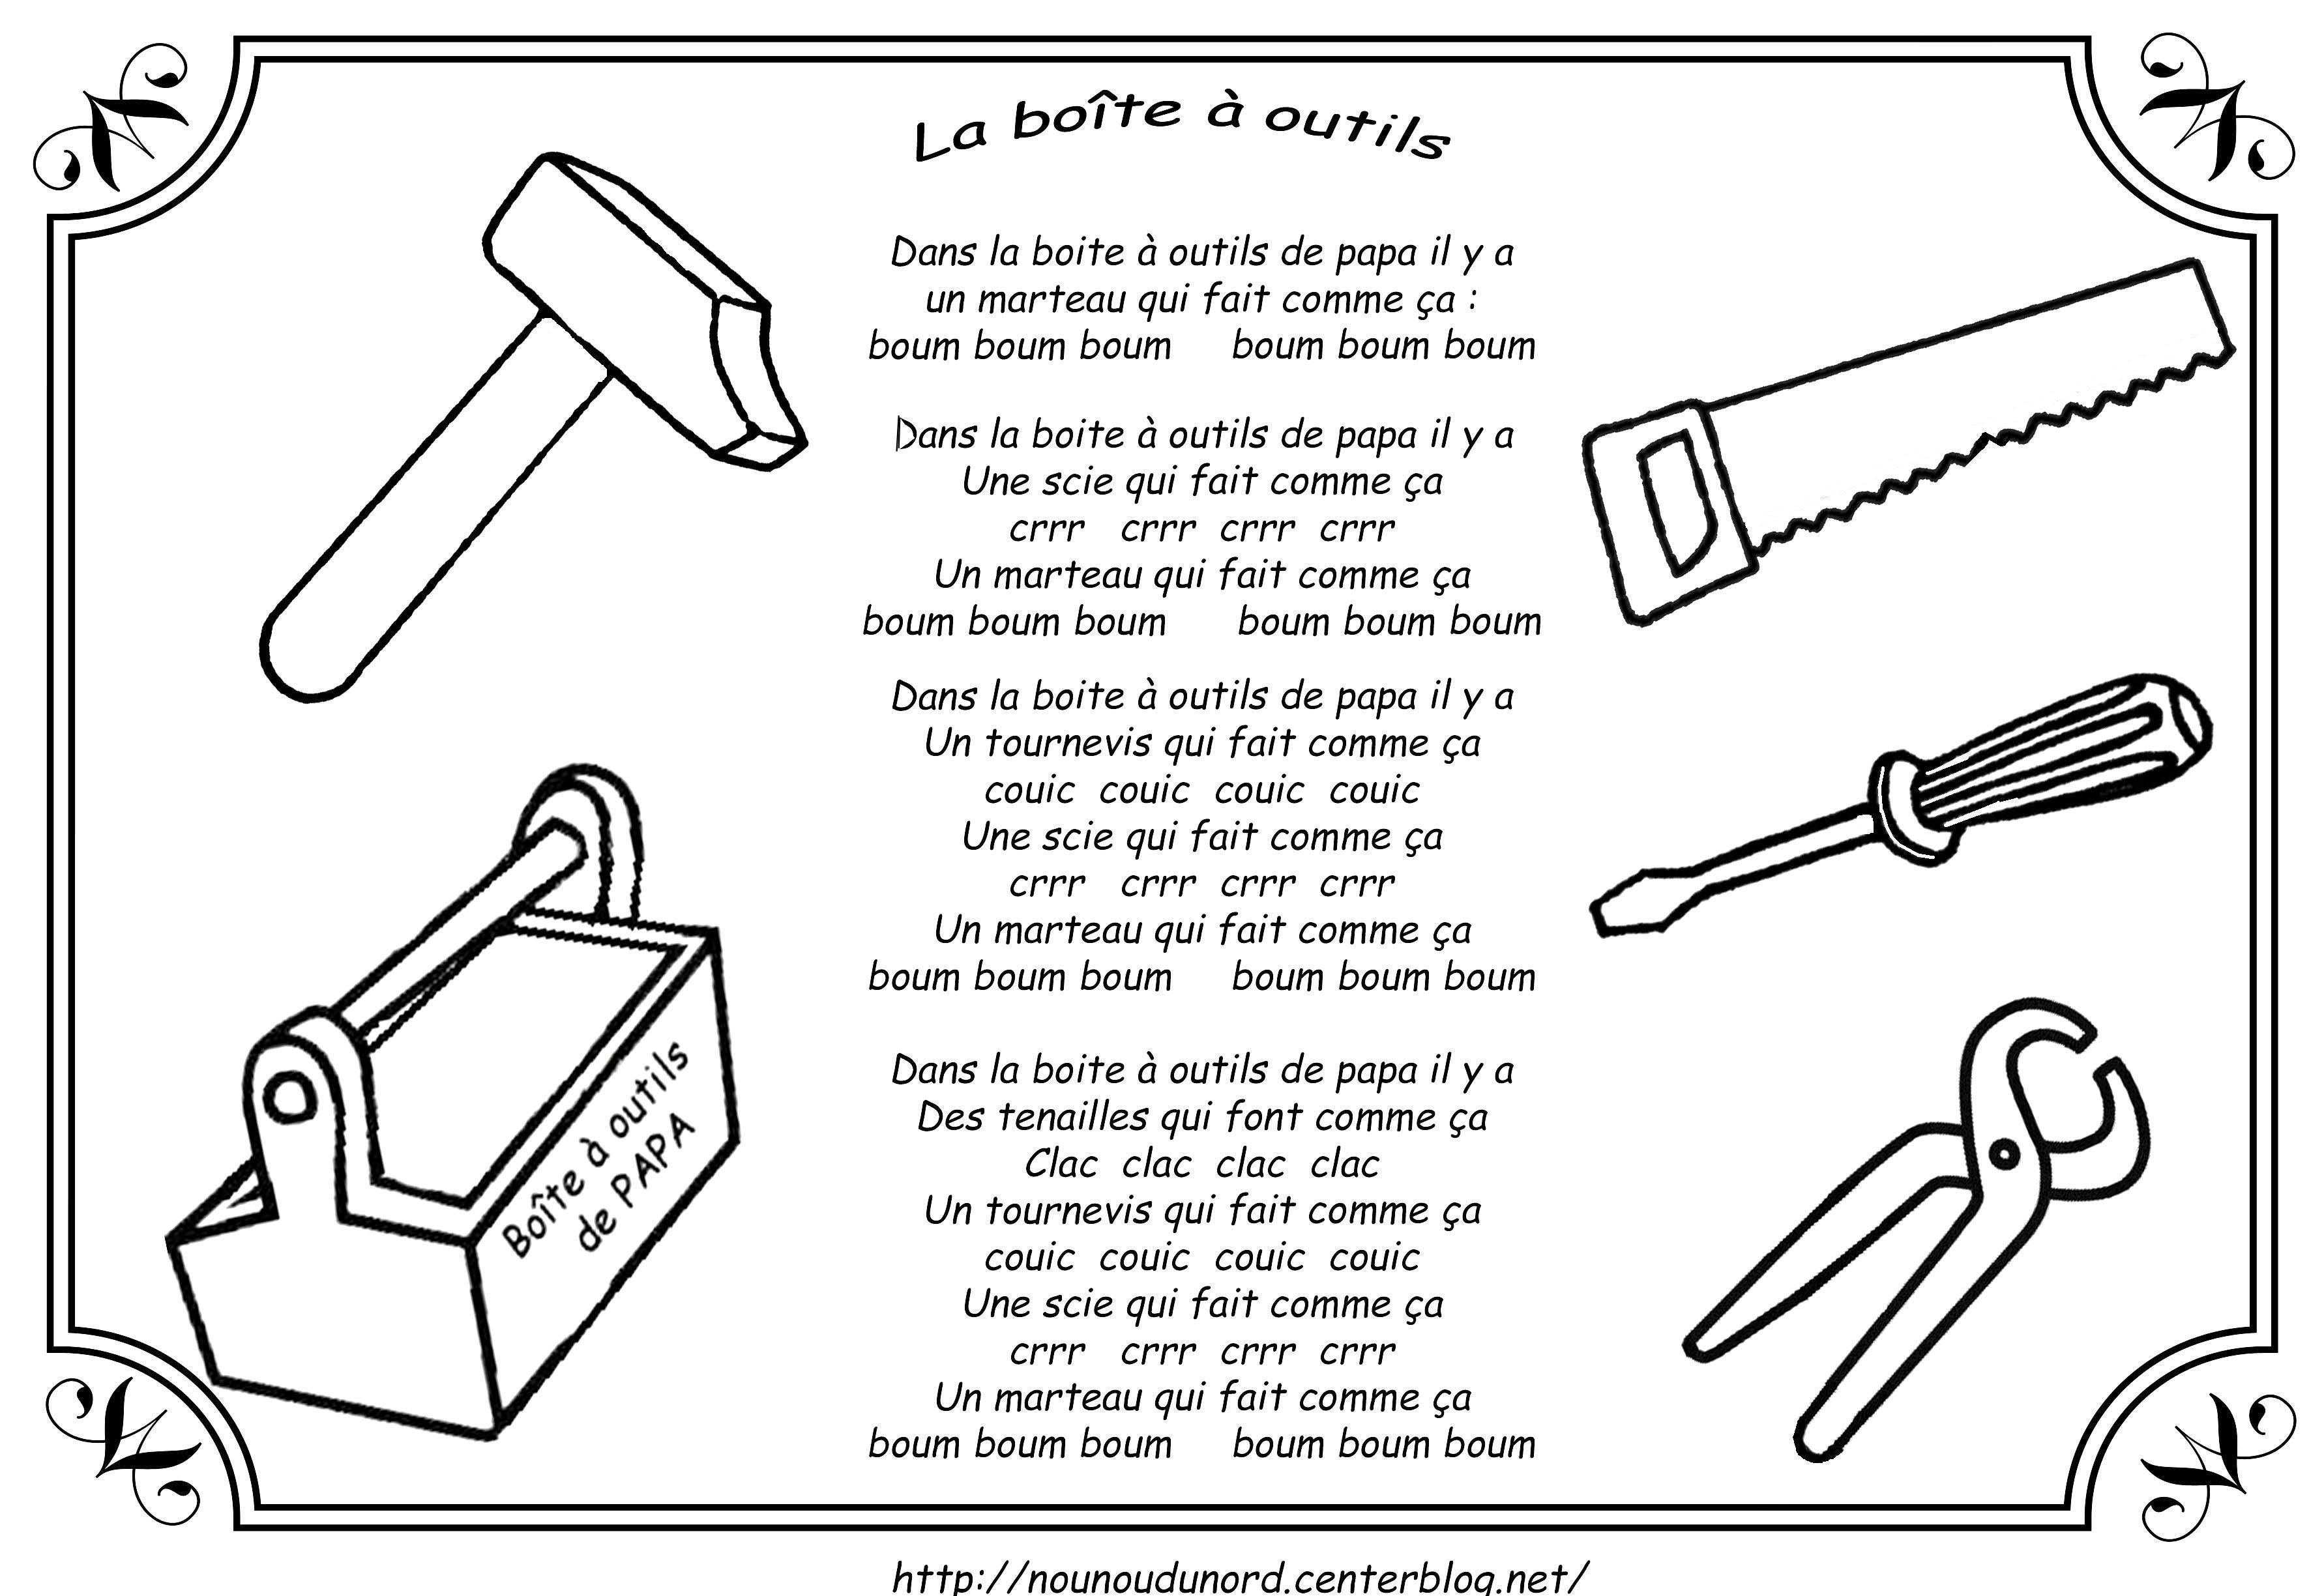 Boite A Outils Bricolage – L'Artisanat Et L'Industrie intérieur Dessin Pour Anniversaire Papa